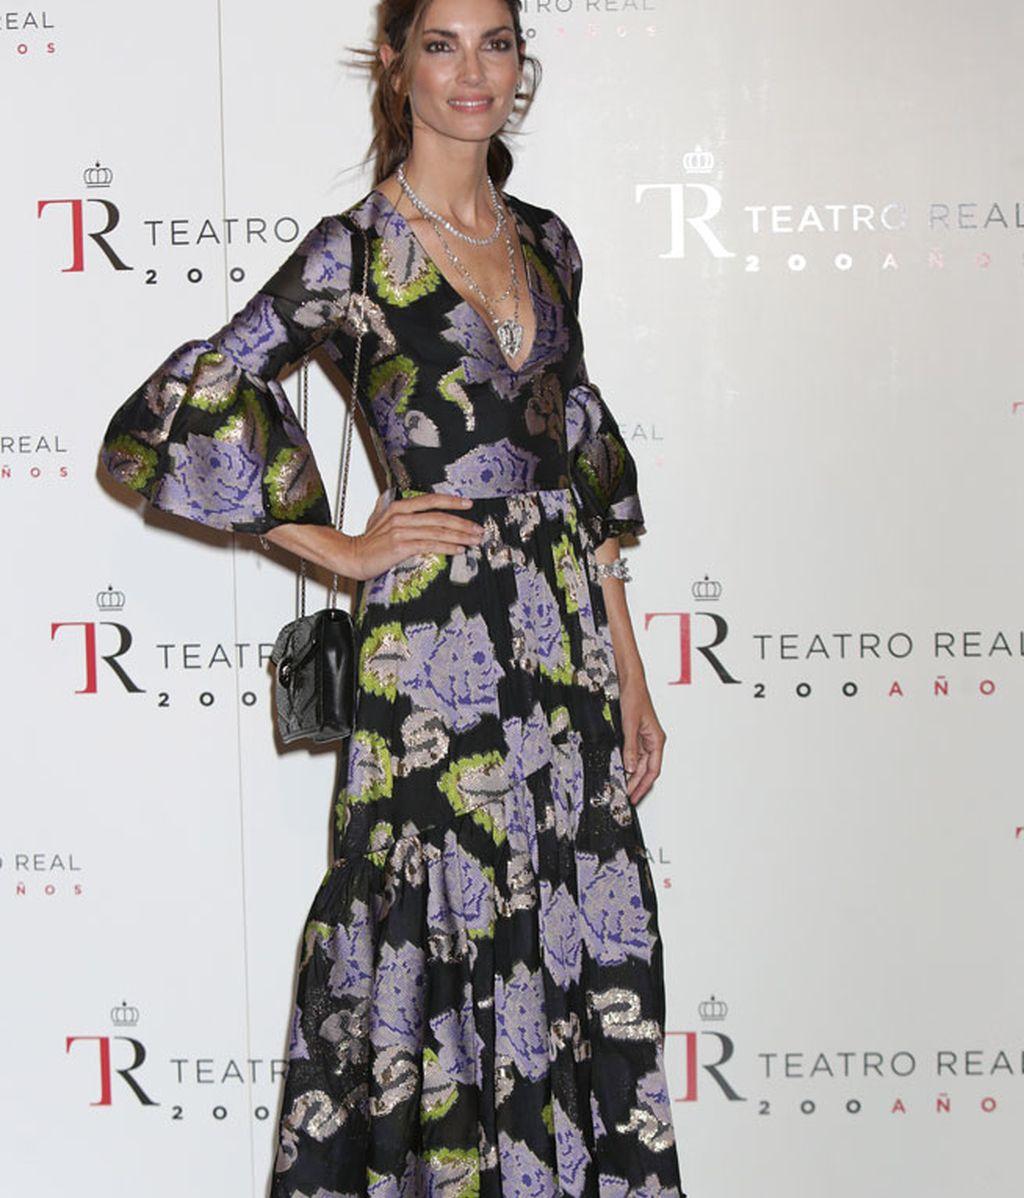 Falda estilo cincuentero y mangas con volantes, el vestido floral de Eugenia Silva